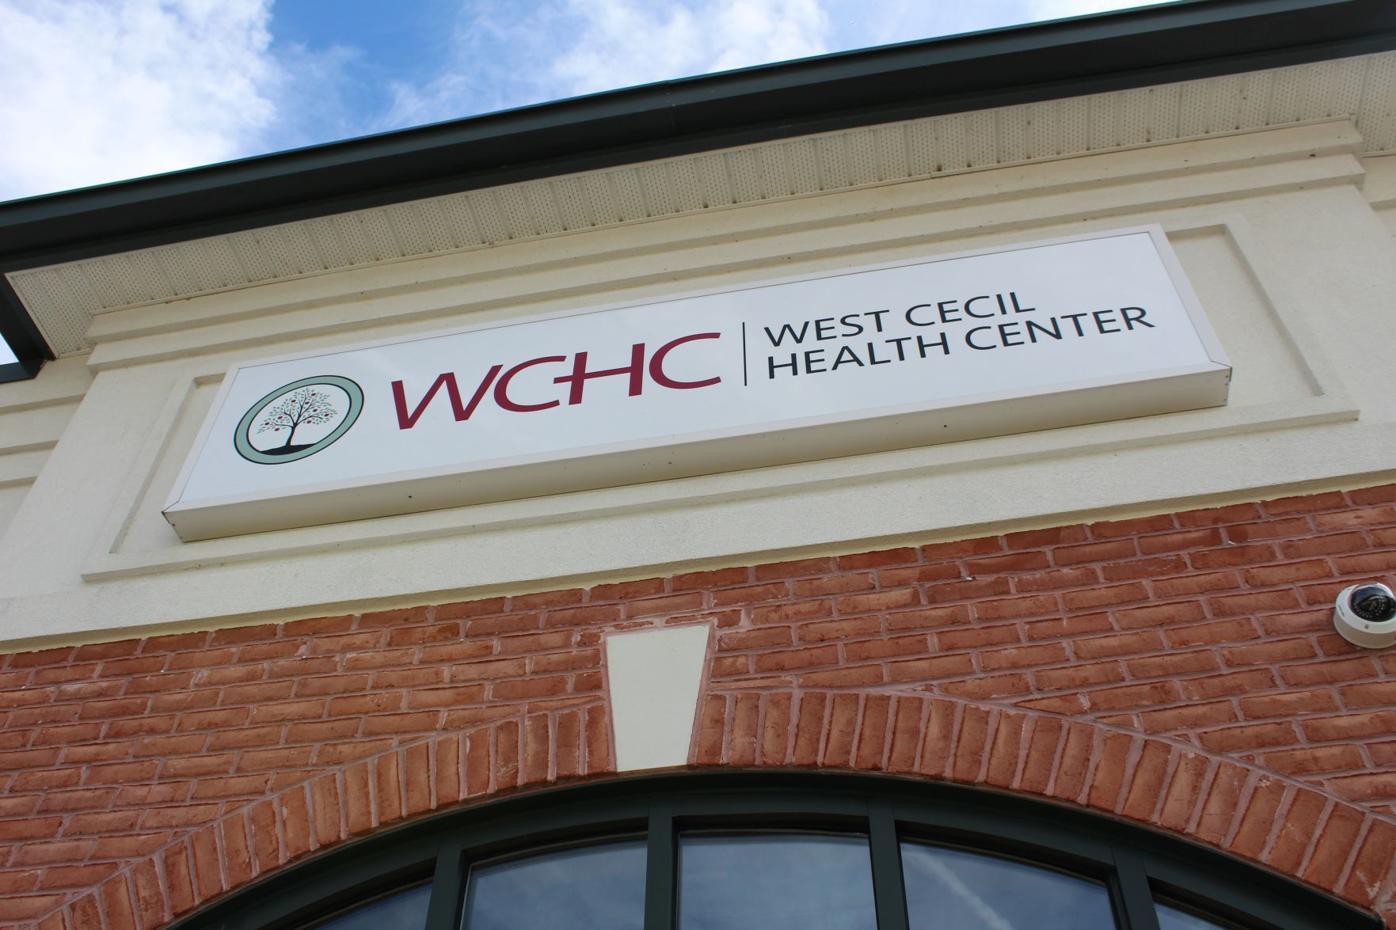 West Cecil dental school